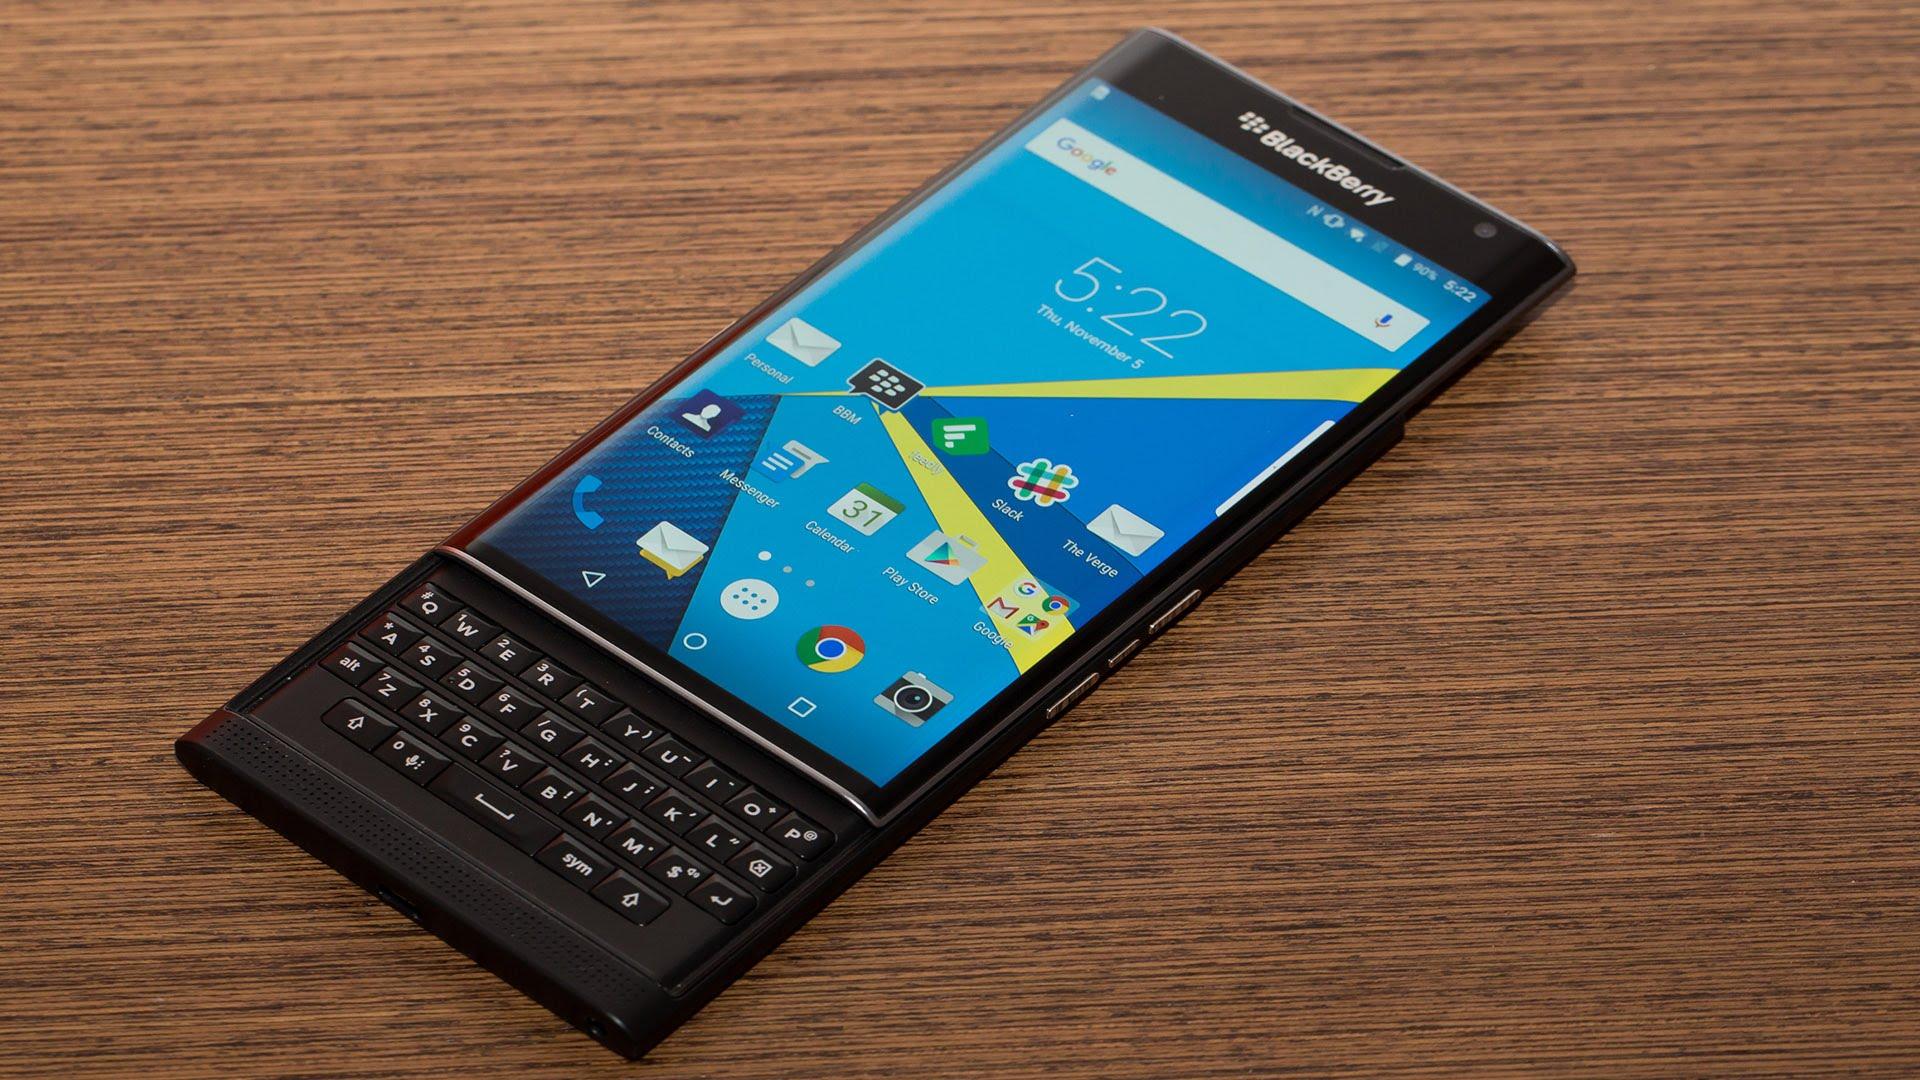 BlackBerry Priv LG G2 Marshmallow 1